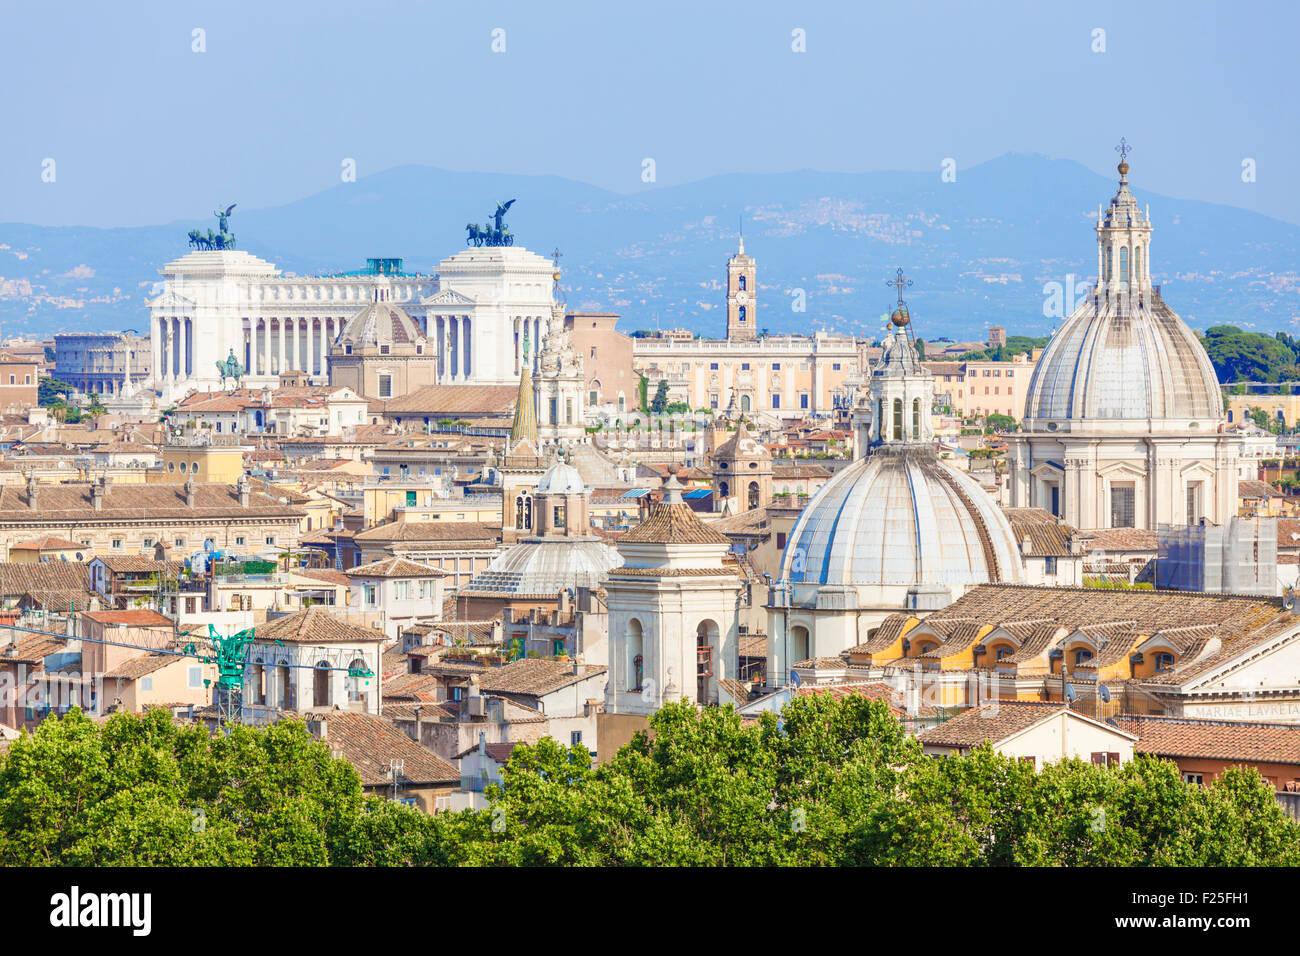 Blick auf Kirchen und Kuppeln von Rom Skyline zeigt Victor Emmanuel II Monument in der Nähe Rom Italien Roma Stockbild